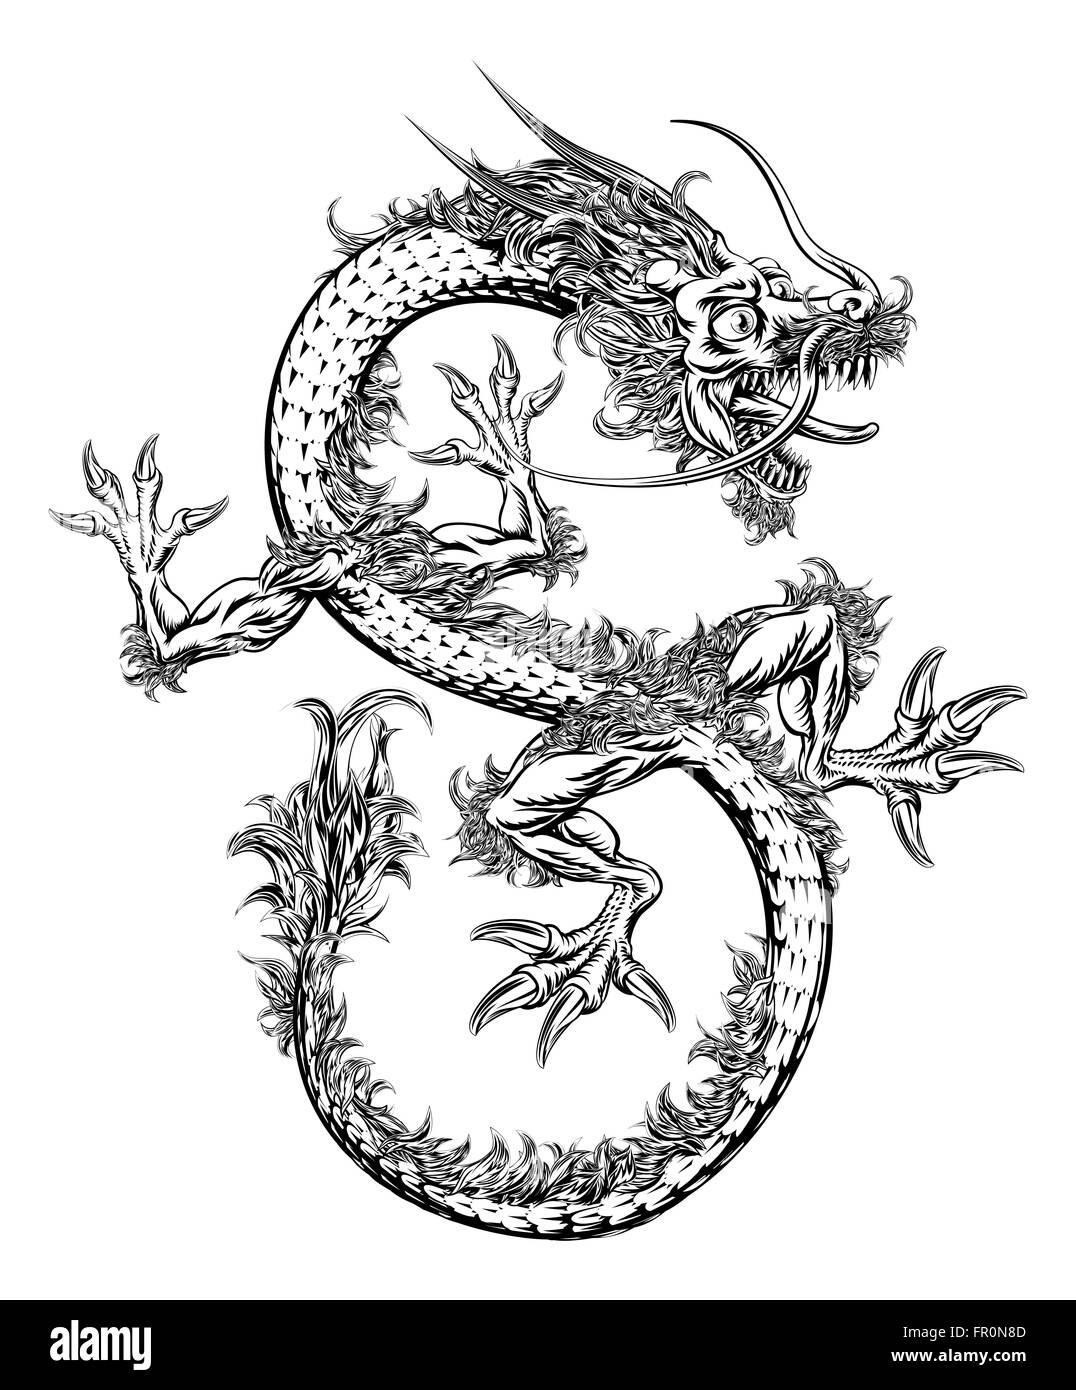 Une illustration en noir et blanc d 39 un style chinois ou japonais dragon oriental banque d 39 images - Dragon japonais ...